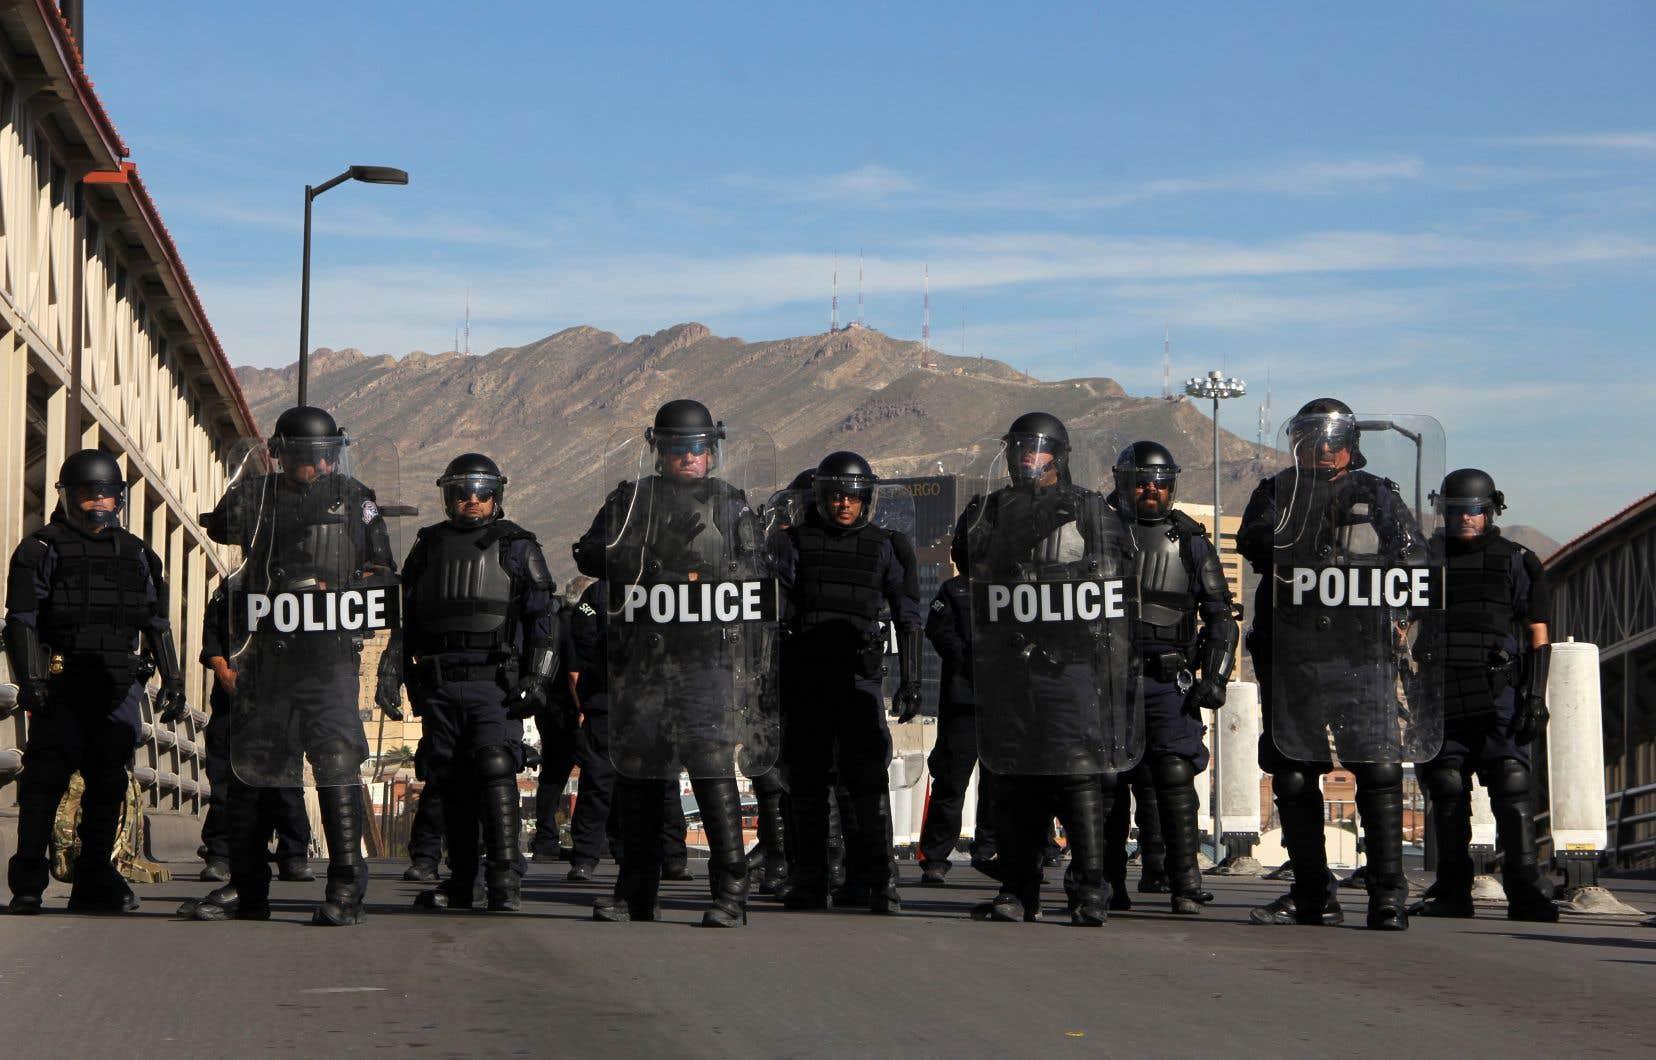 Des policiers antiémeute américains participent à un exercice à la frontière américano-mexicaine, le 29 octobre 2018.